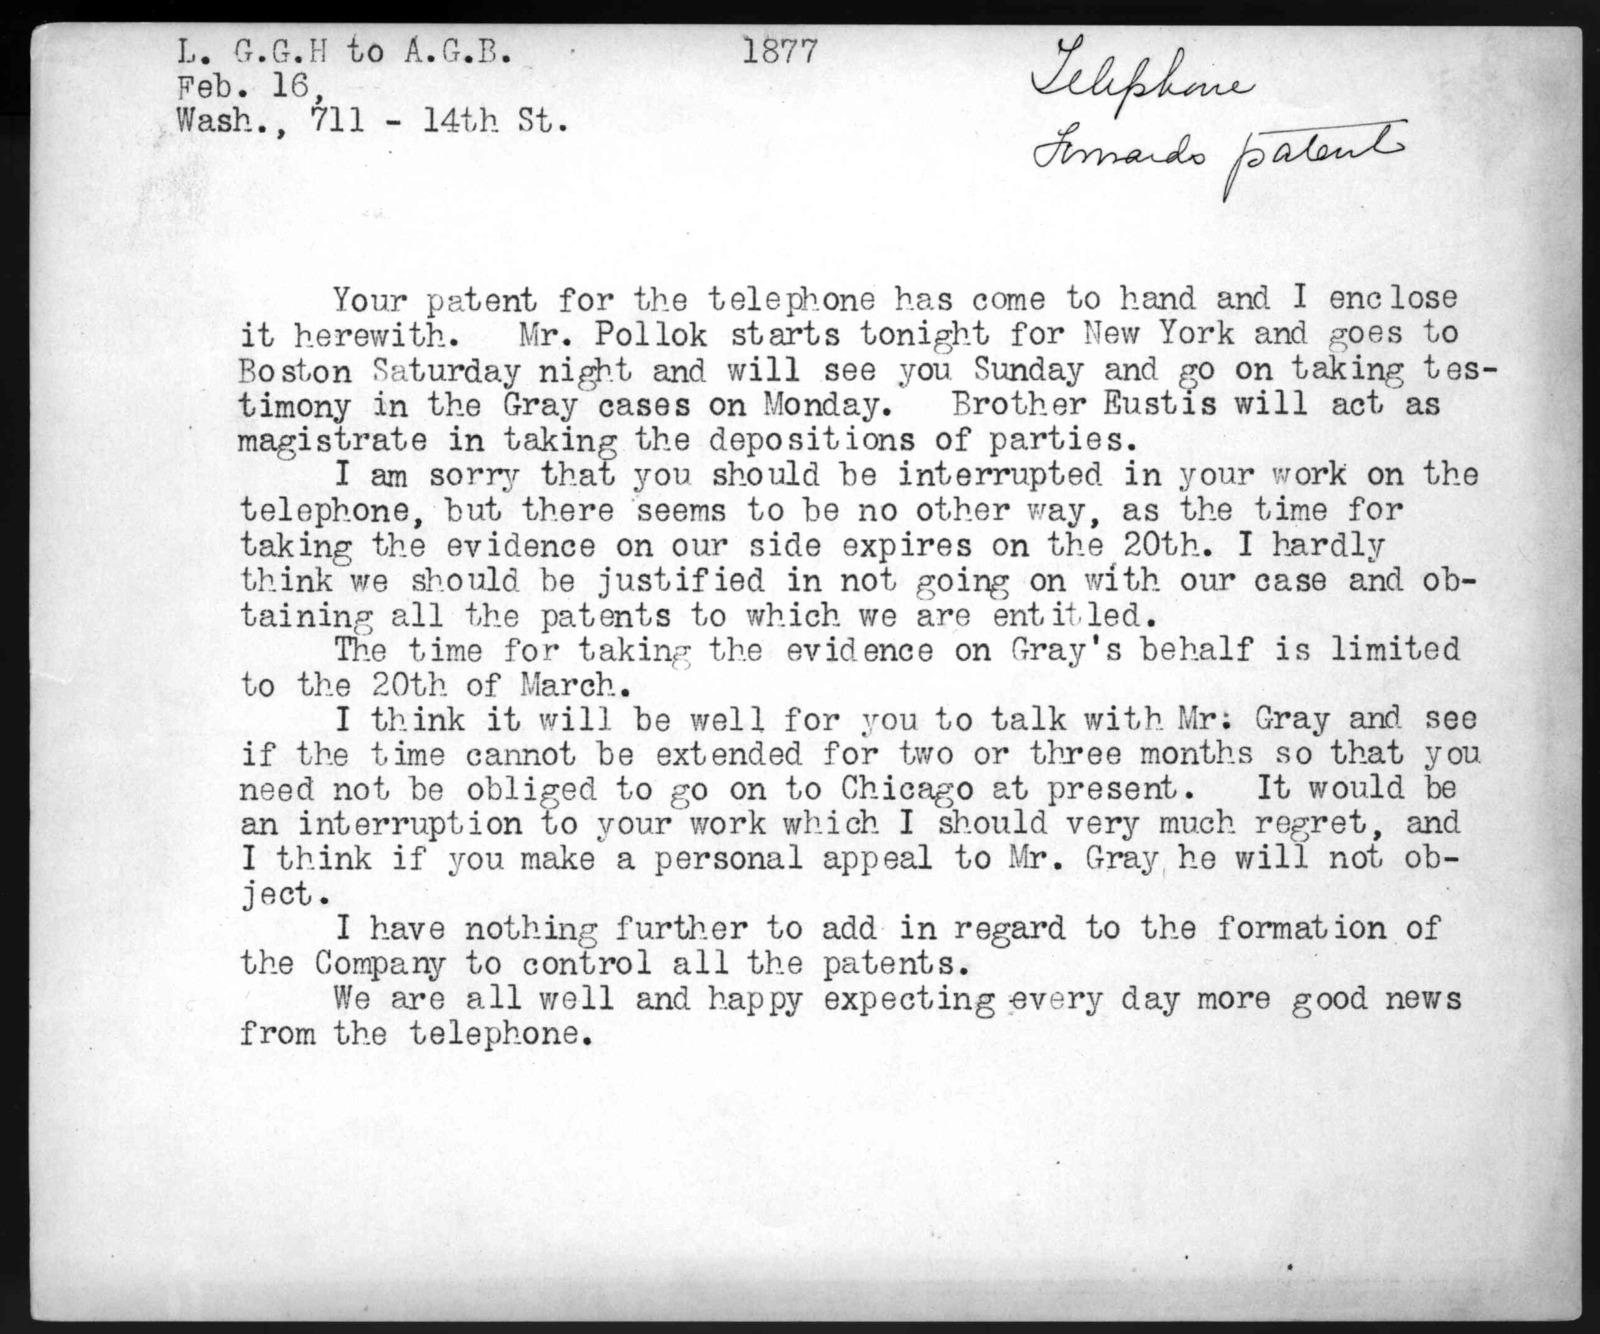 Letter from Gardiner Greene Hubbard to Alexander Graham Bell, February 16, 1877